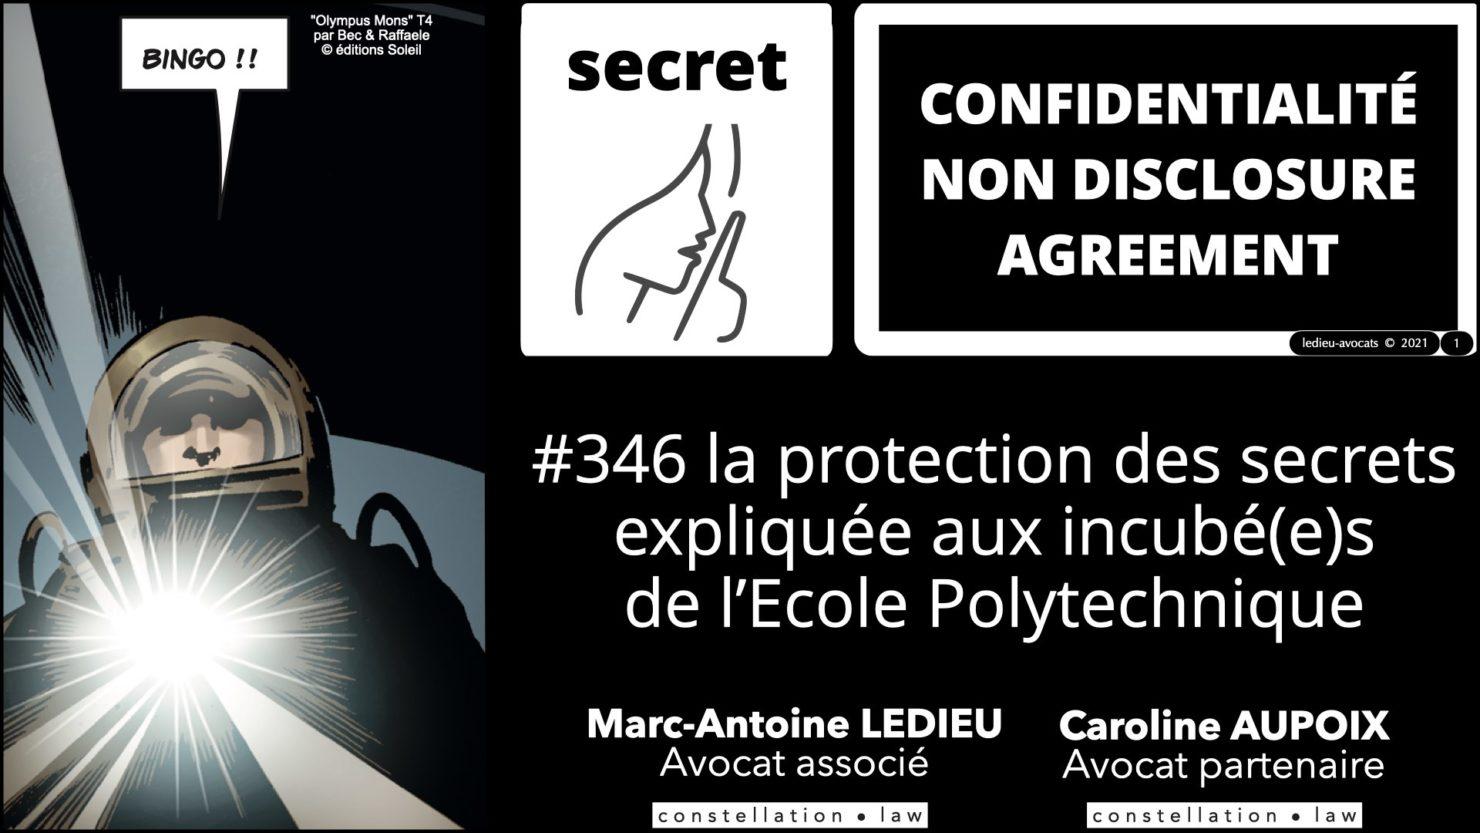 zOOm X'UP SECRET d'affaire confidentialité non disclosure NDA © Ledieu Avocats 2021